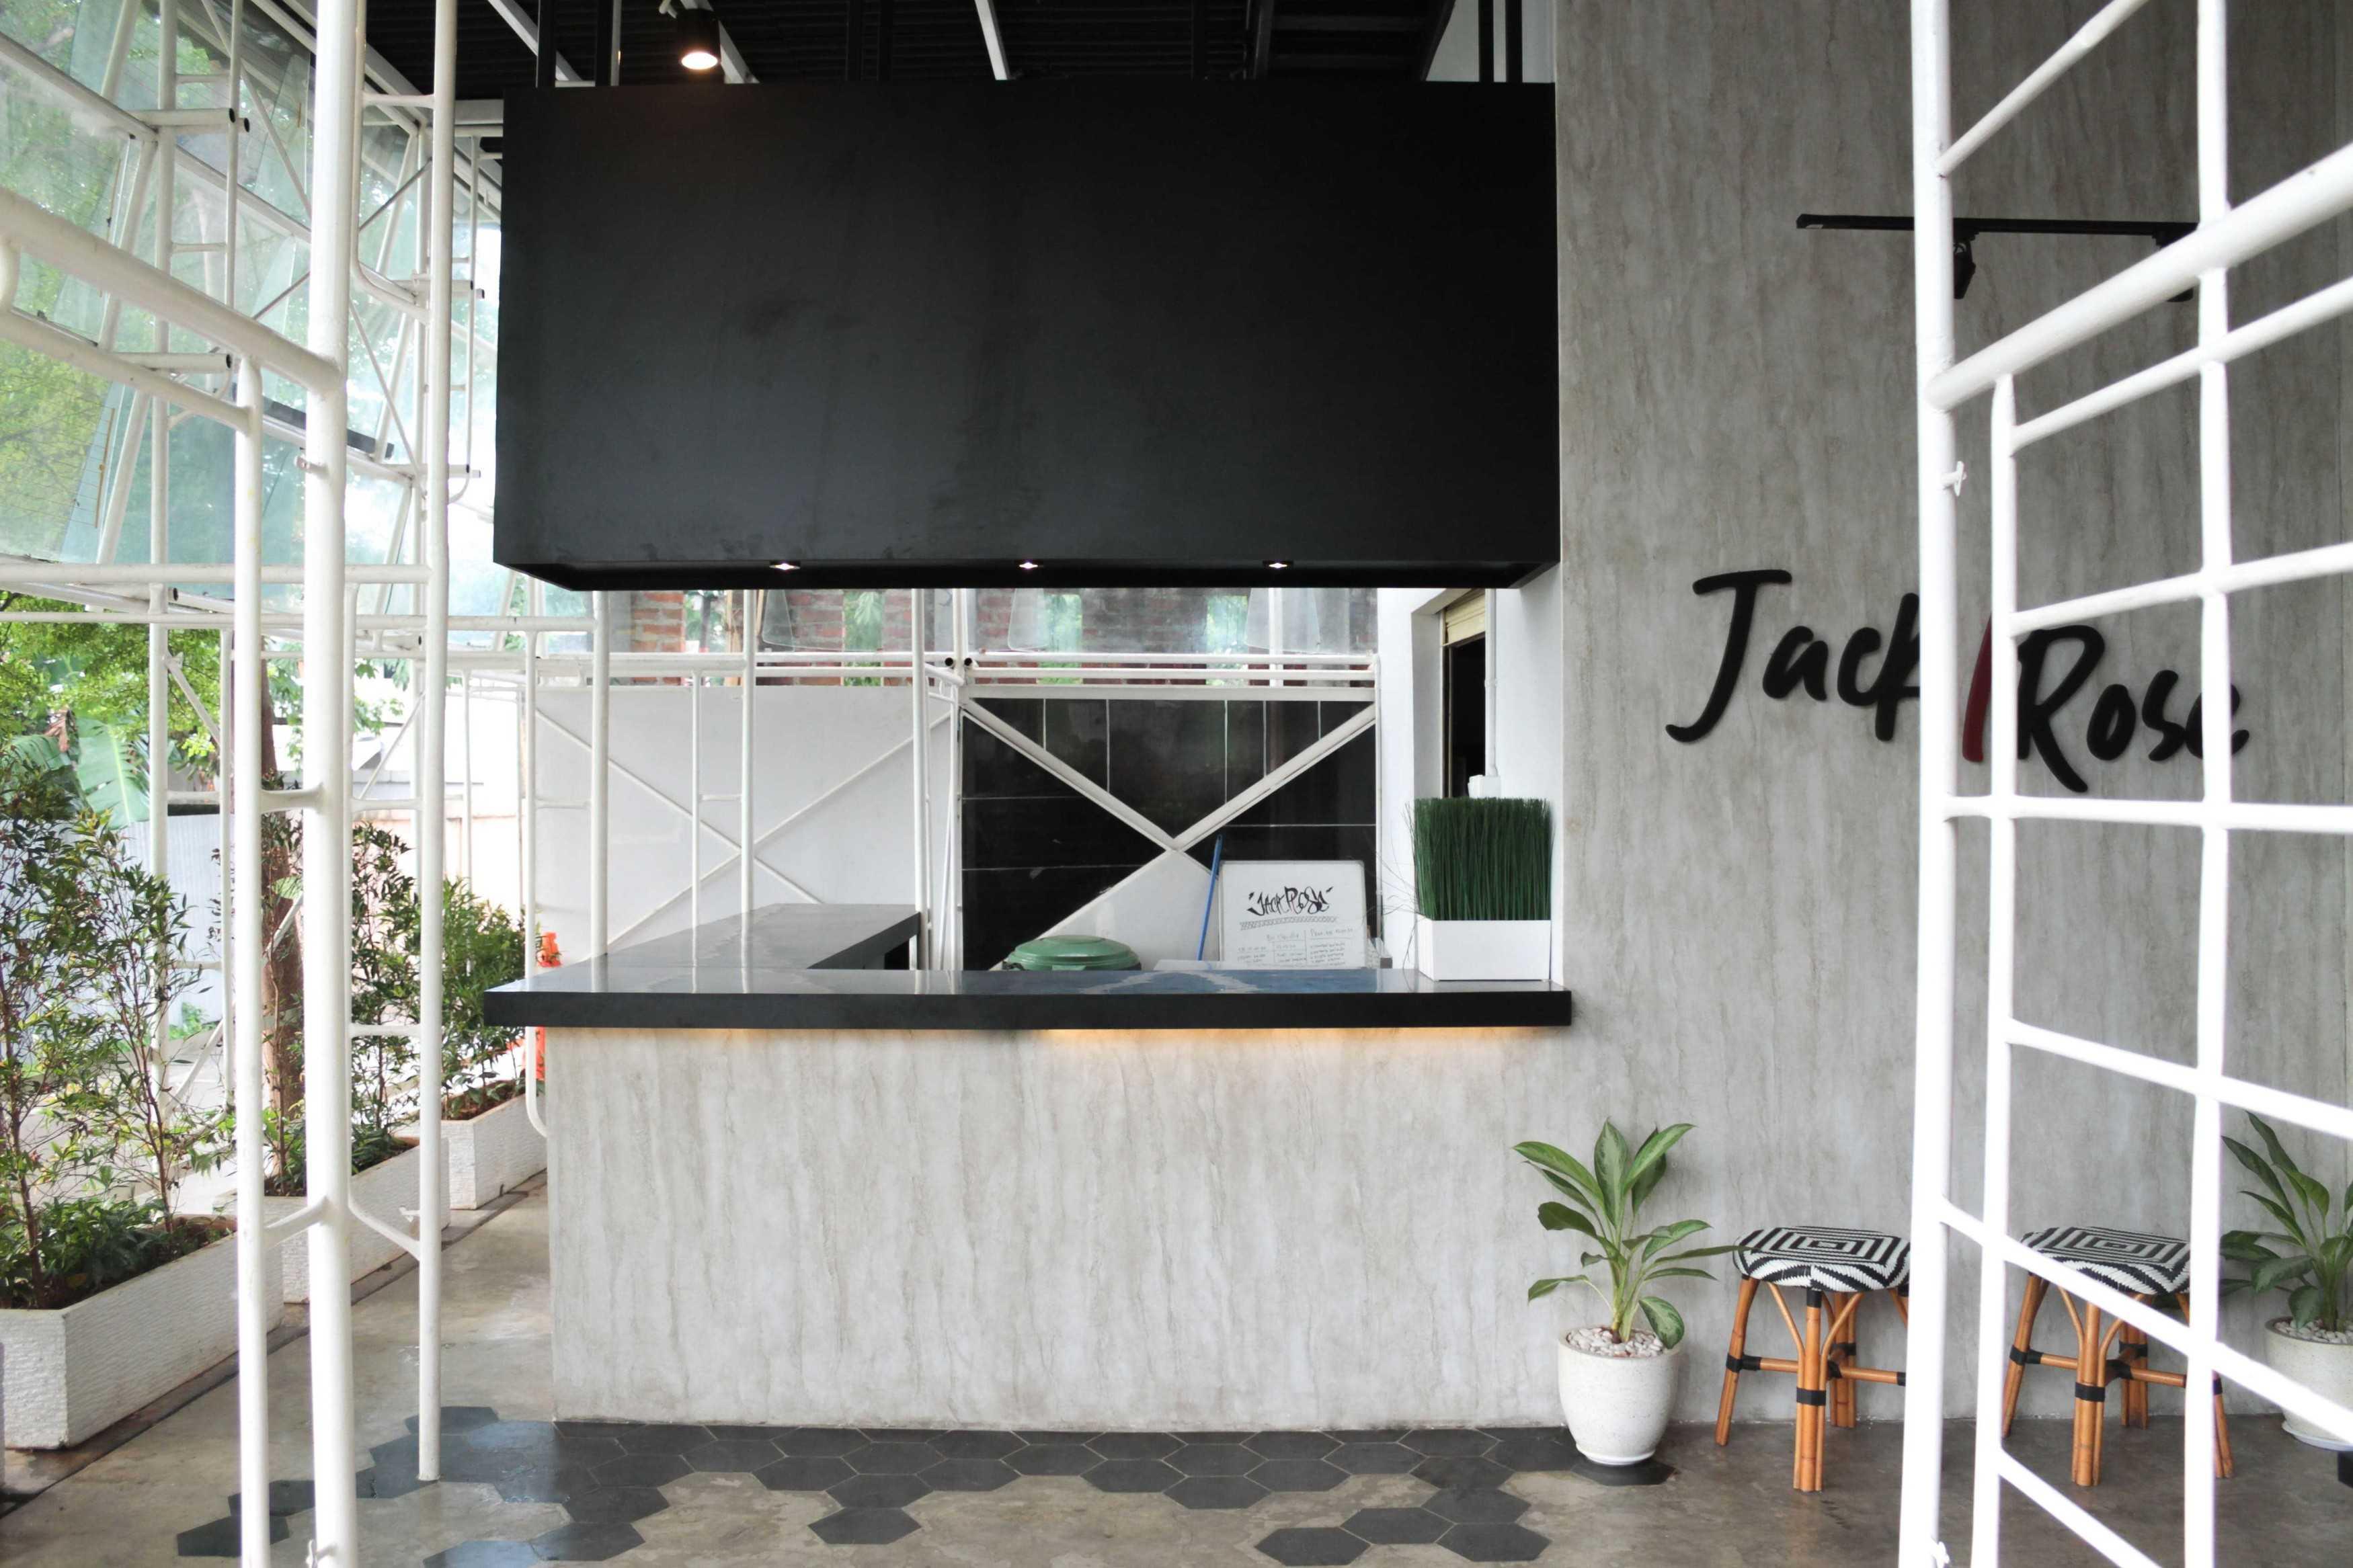 Scala (Pt Balkon Karya Plus) Jackrose Hq Bintaro, Kec. Pesanggrahan, Kota Jakarta Selatan, Daerah Khusus Ibukota Jakarta, Indonesia Bintaro, Kec. Pesanggrahan, Kota Jakarta Selatan, Daerah Khusus Ibukota Jakarta, Indonesia Scala-Pt-Balkon-Karya-Plus-Jackrose-Hq   107199